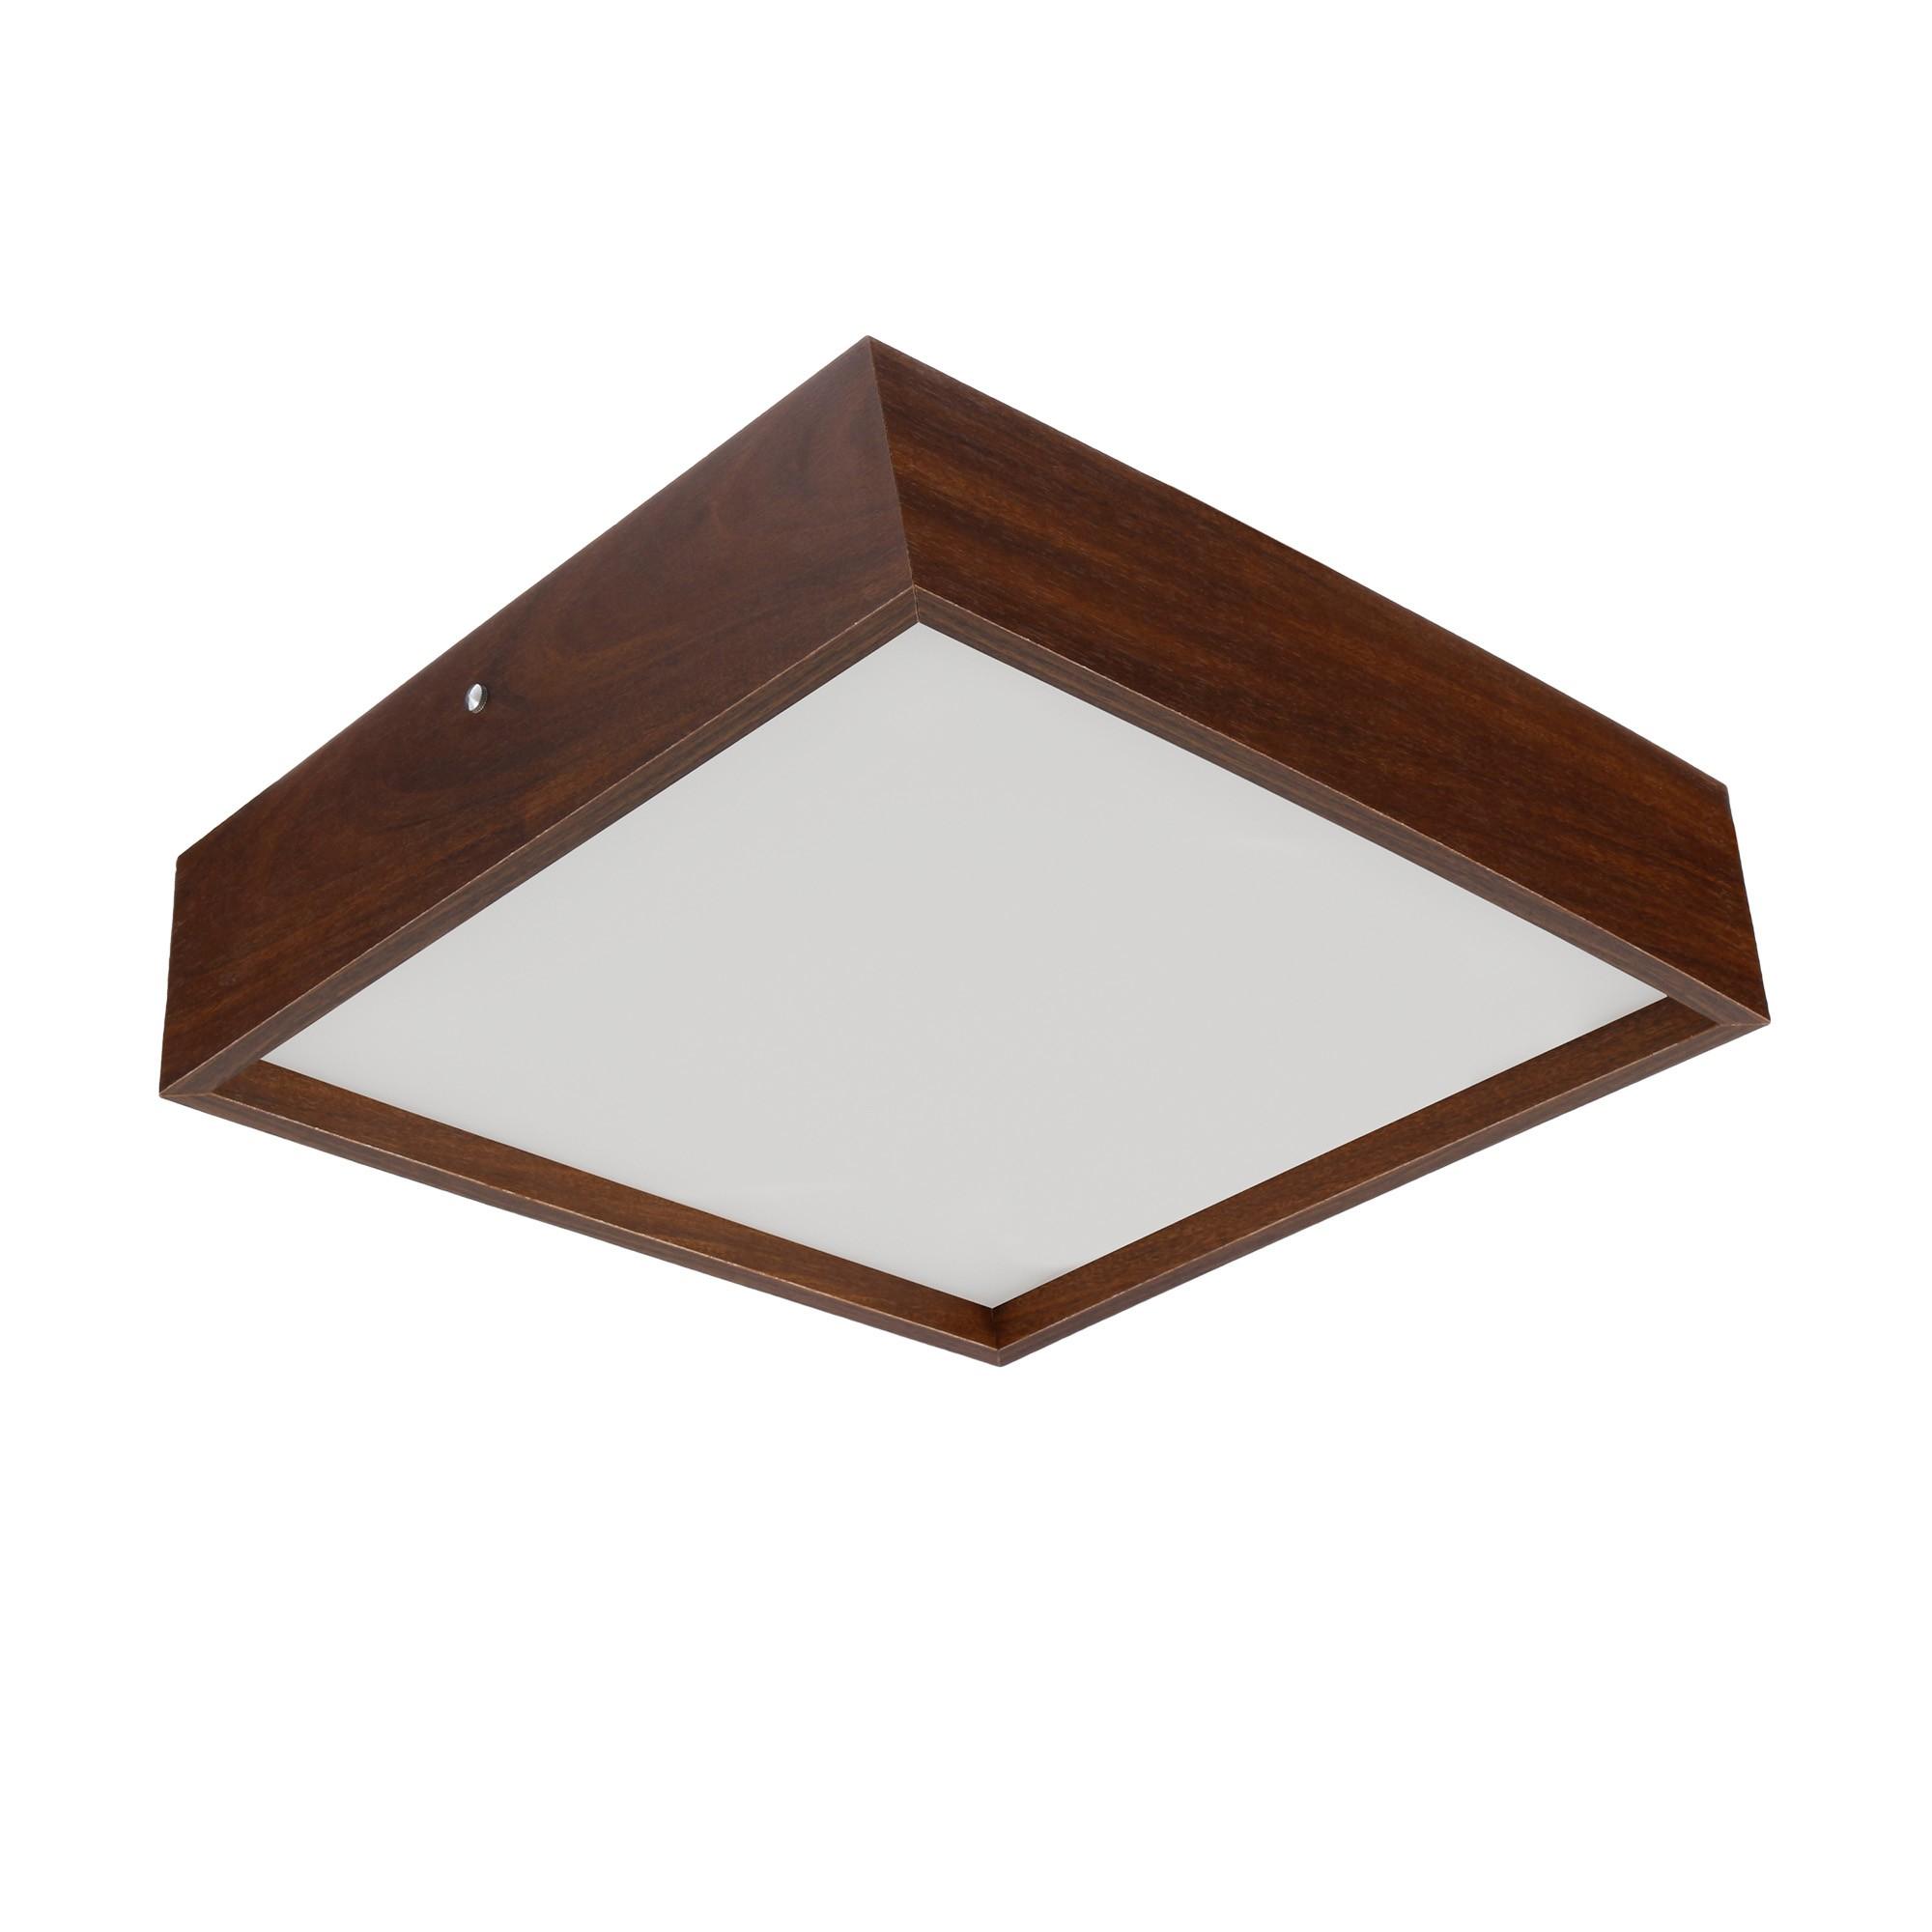 Plafon Quadrado Madeira 40x40cm 4 luzes